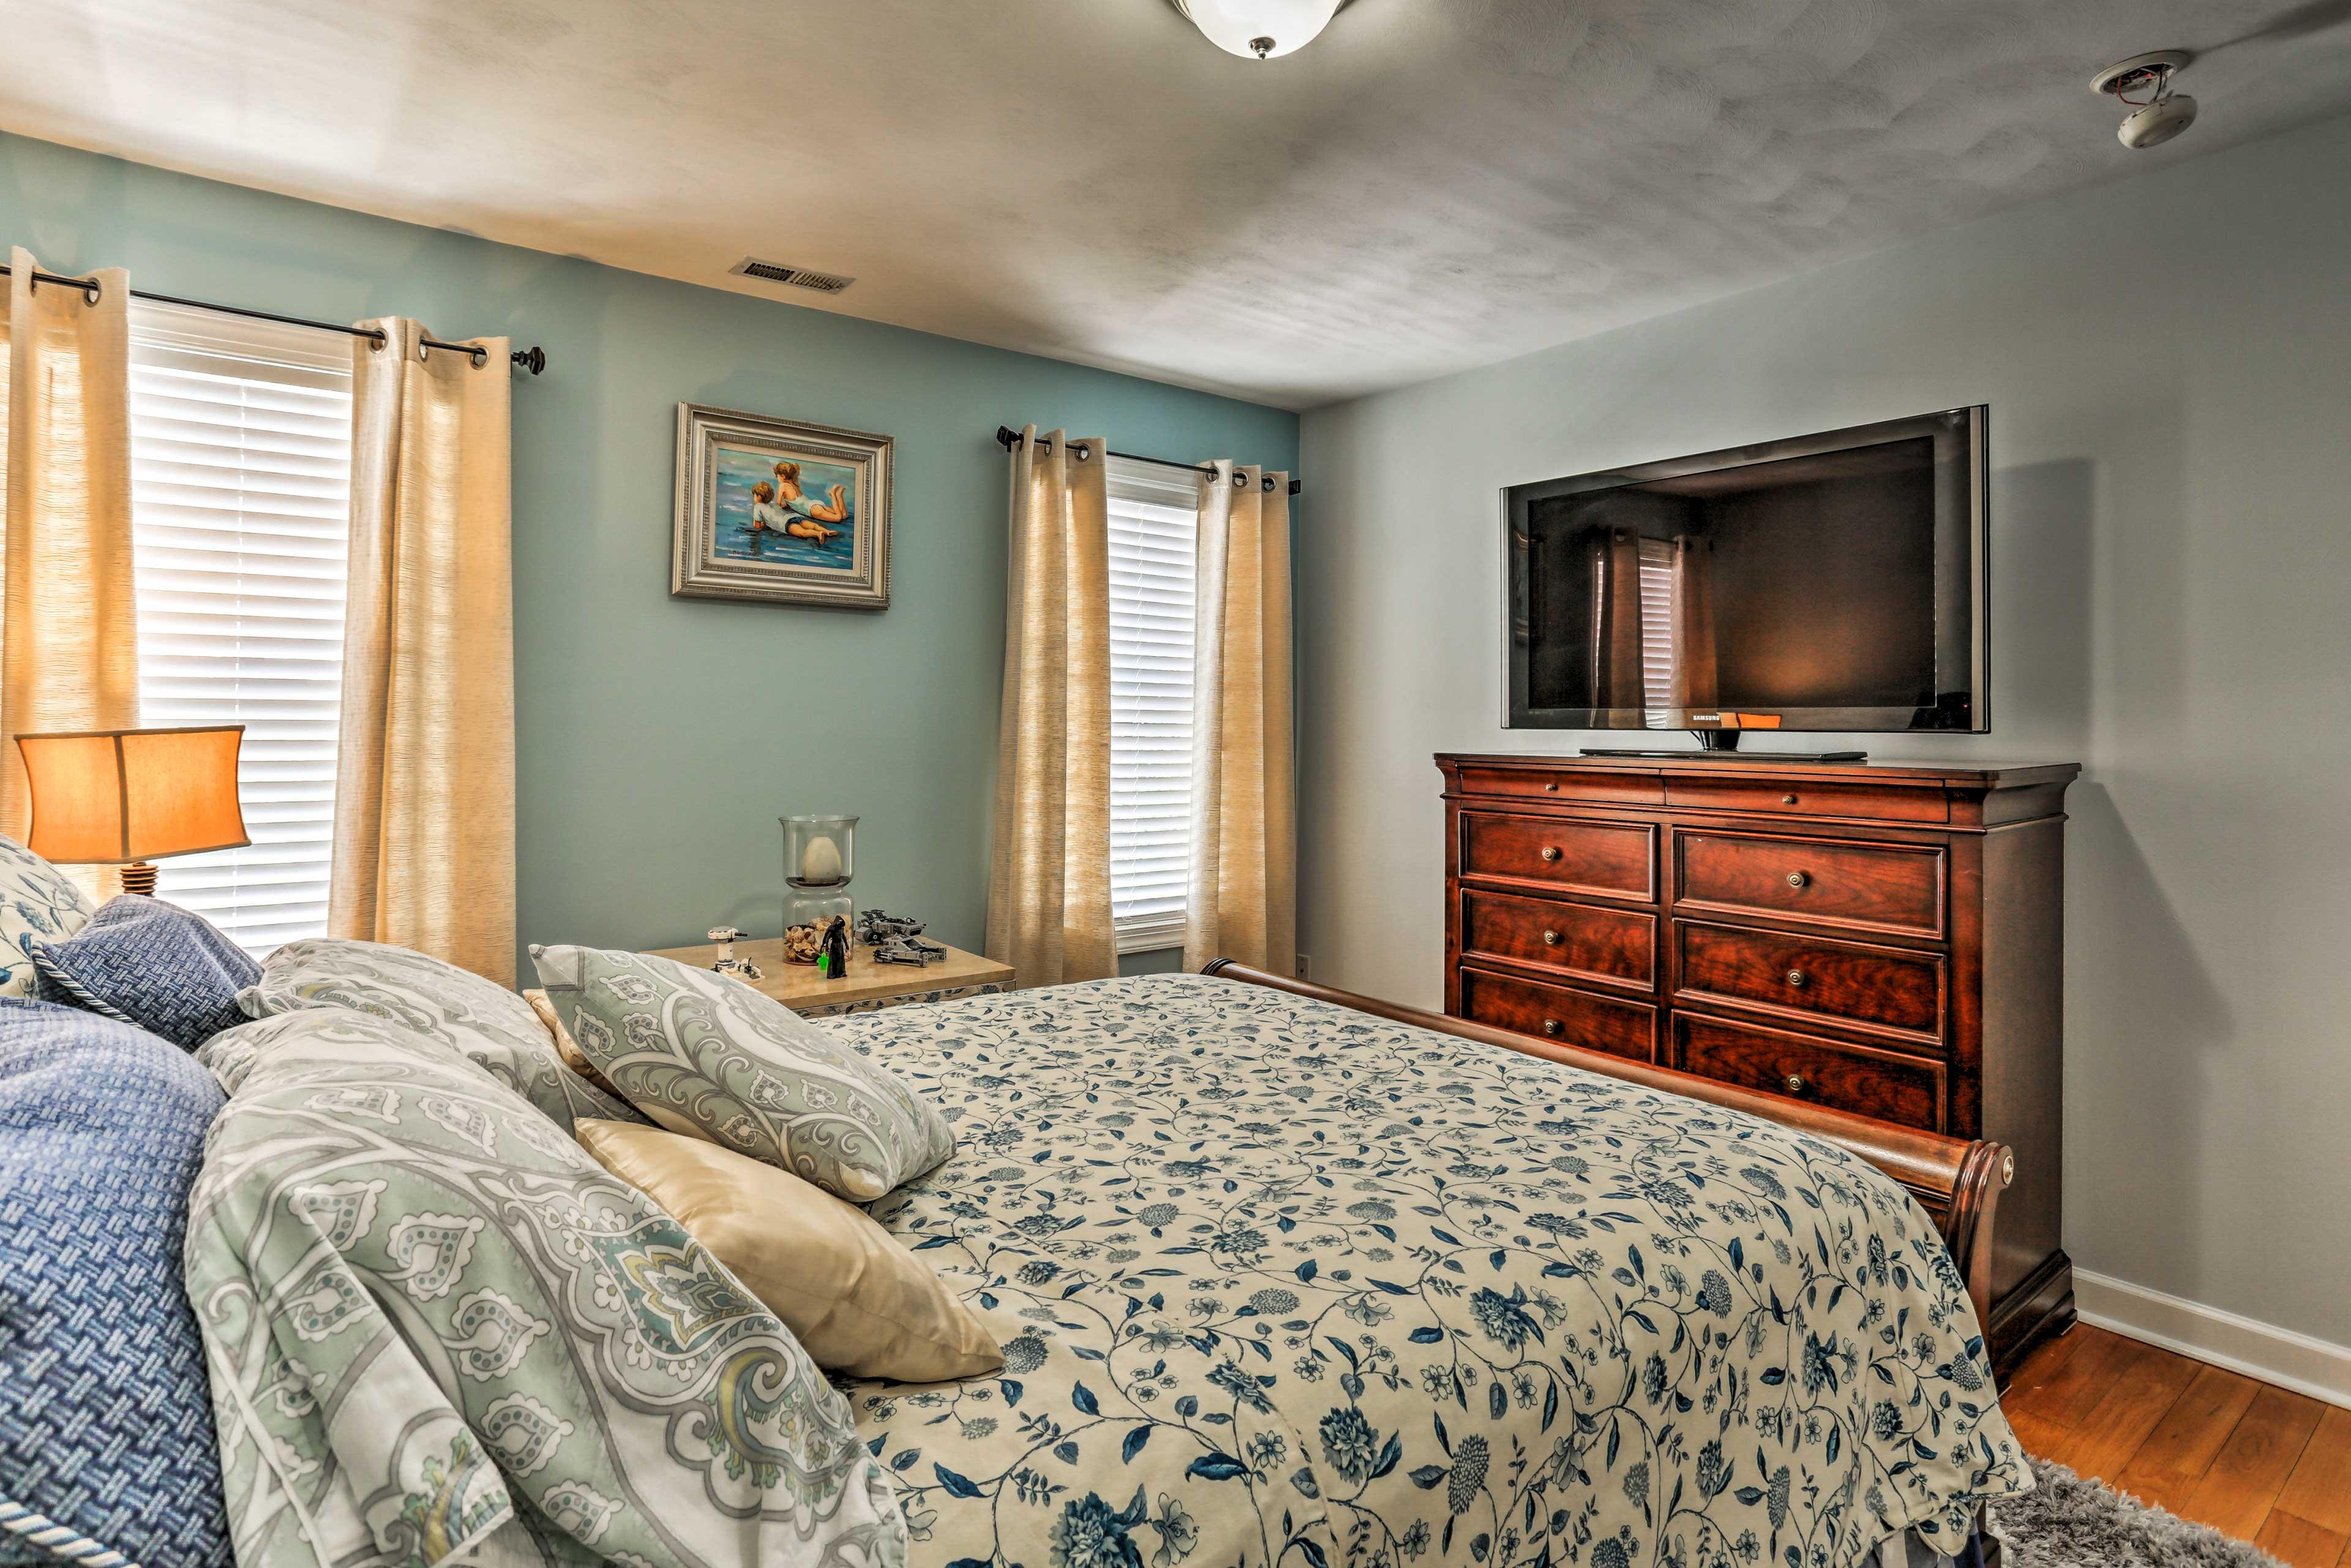 This bedroom makes it too easy to binge on Netflix originals!